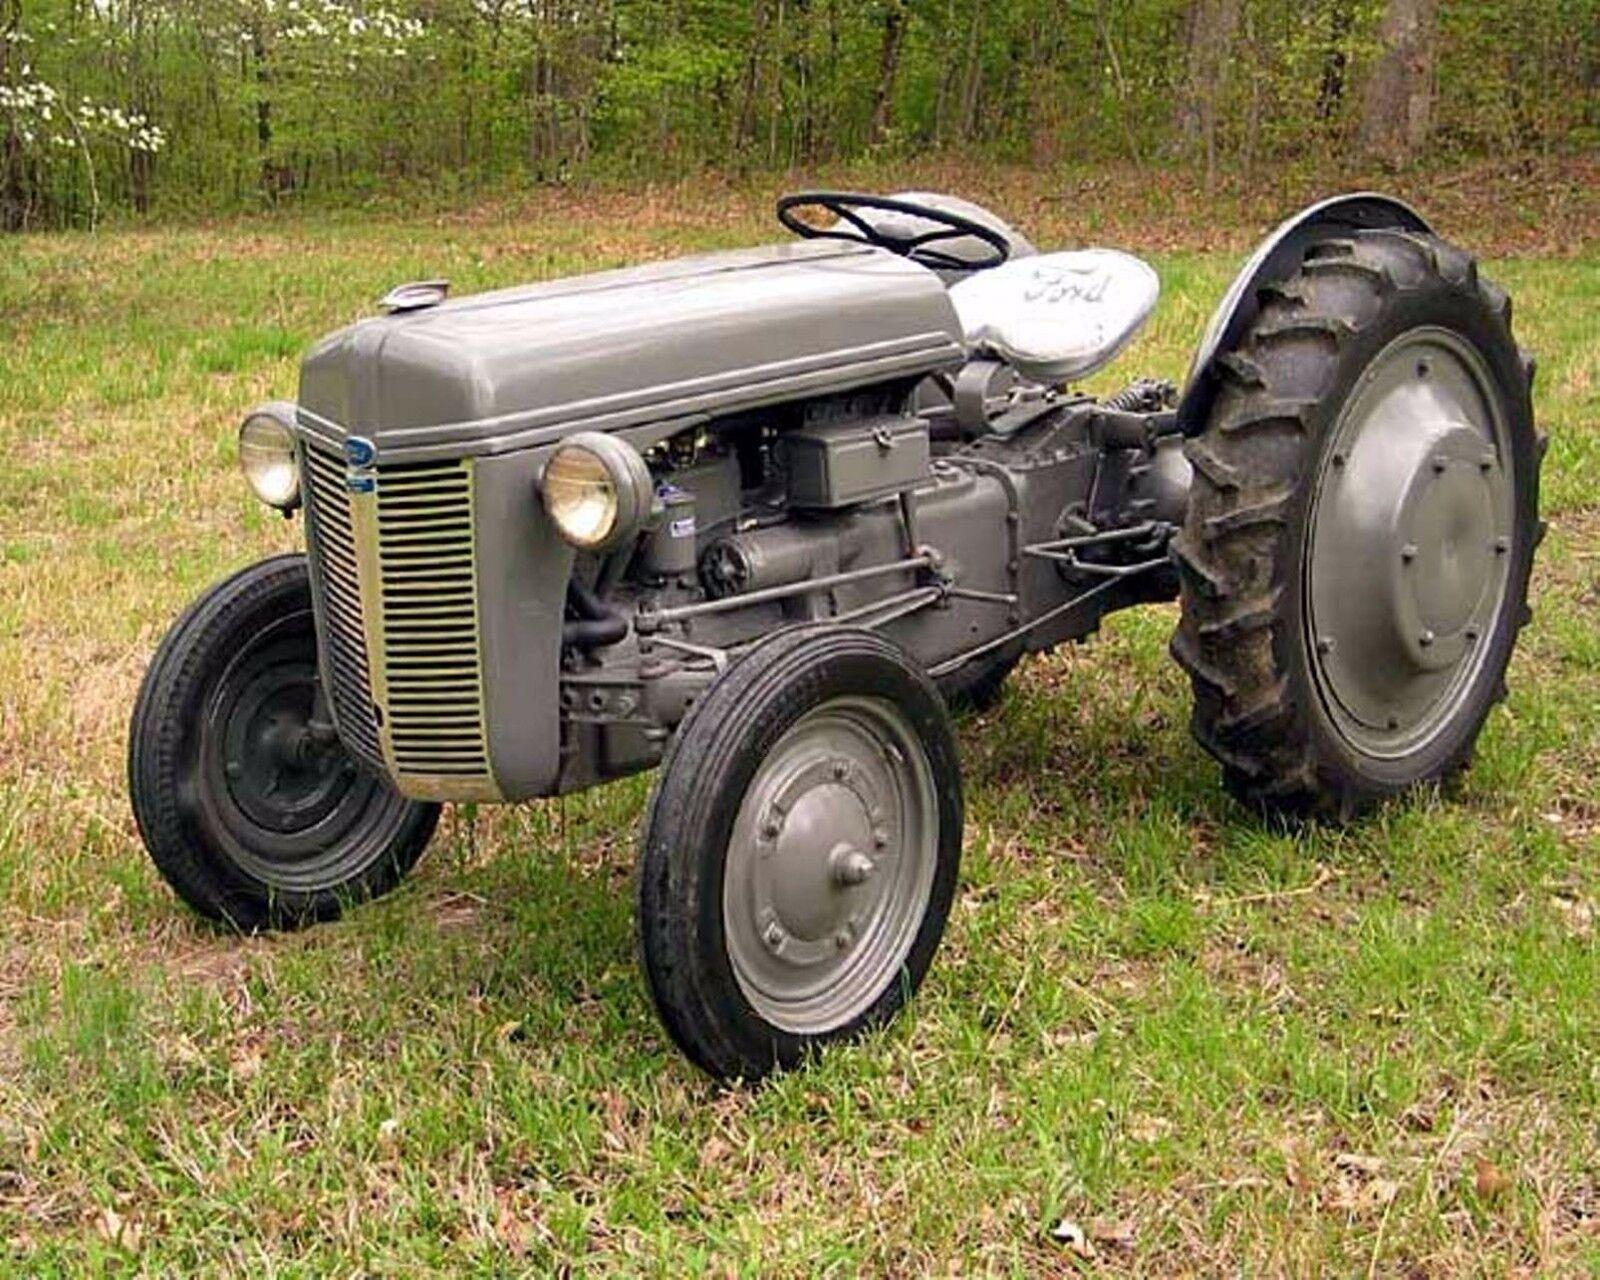 Ford 2n 8n 9n Tractor Workshop Parts Manual 399 Picclick Uk Pdf 3 Of 5 4